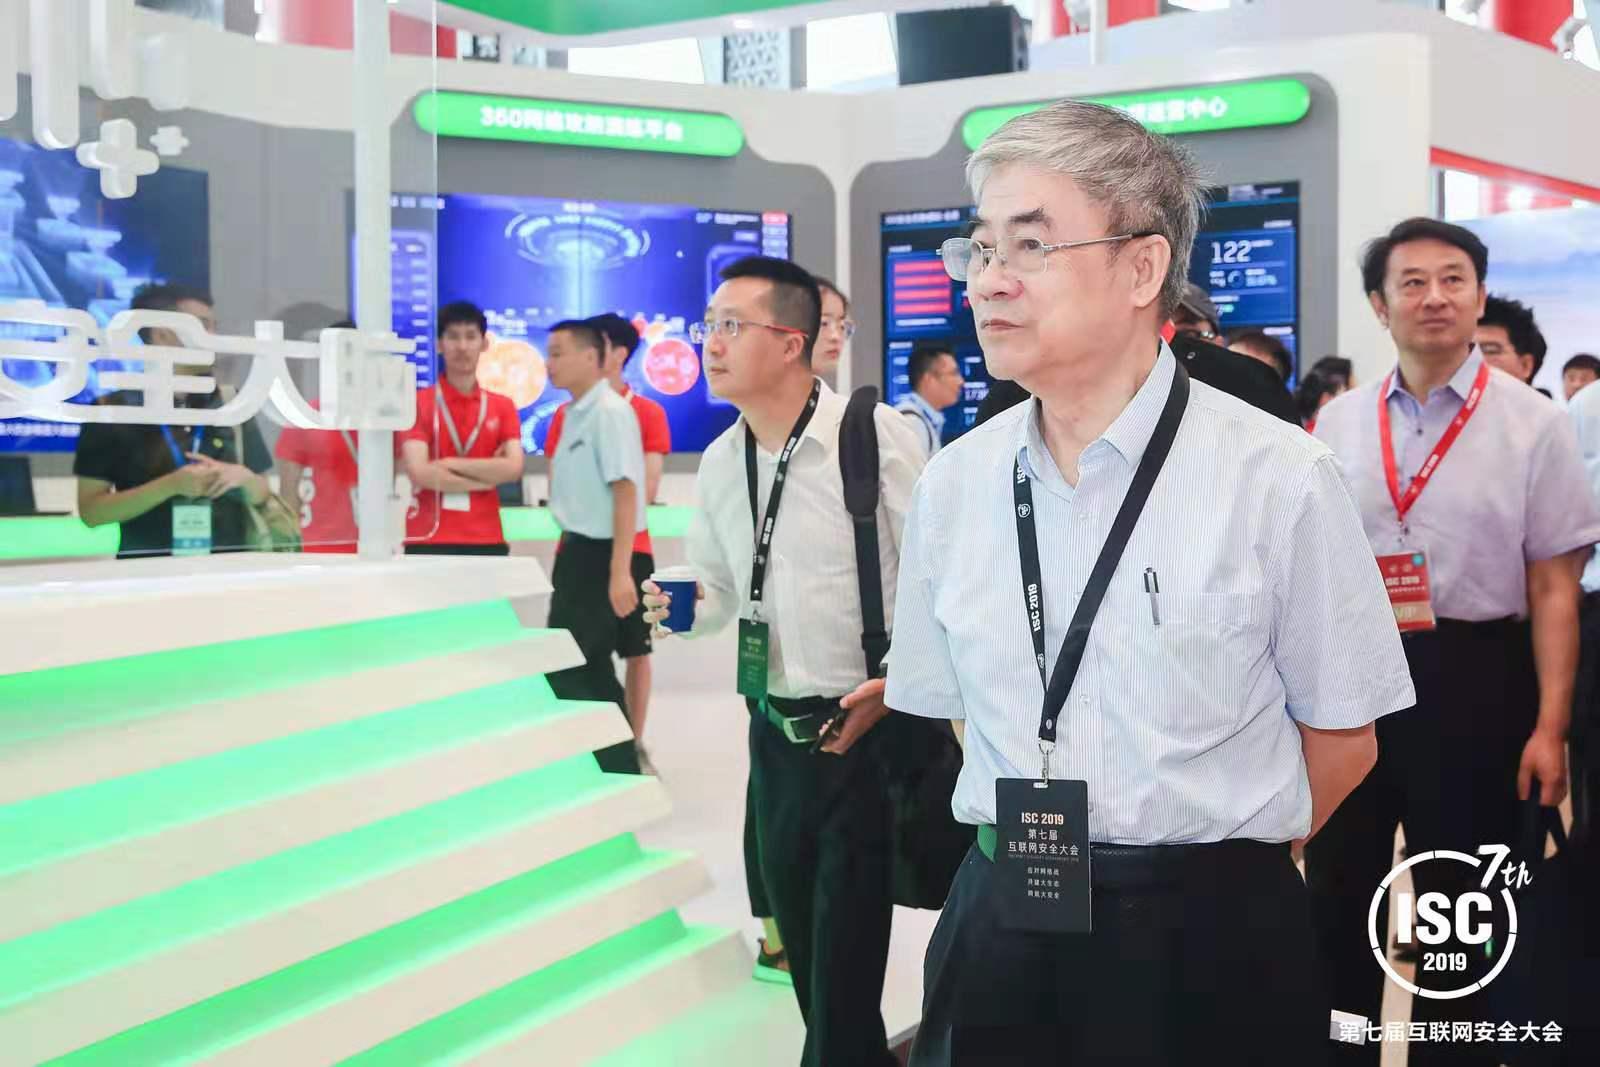 中国工程院邬贺铨:对安全来说,5G是把双刃剑